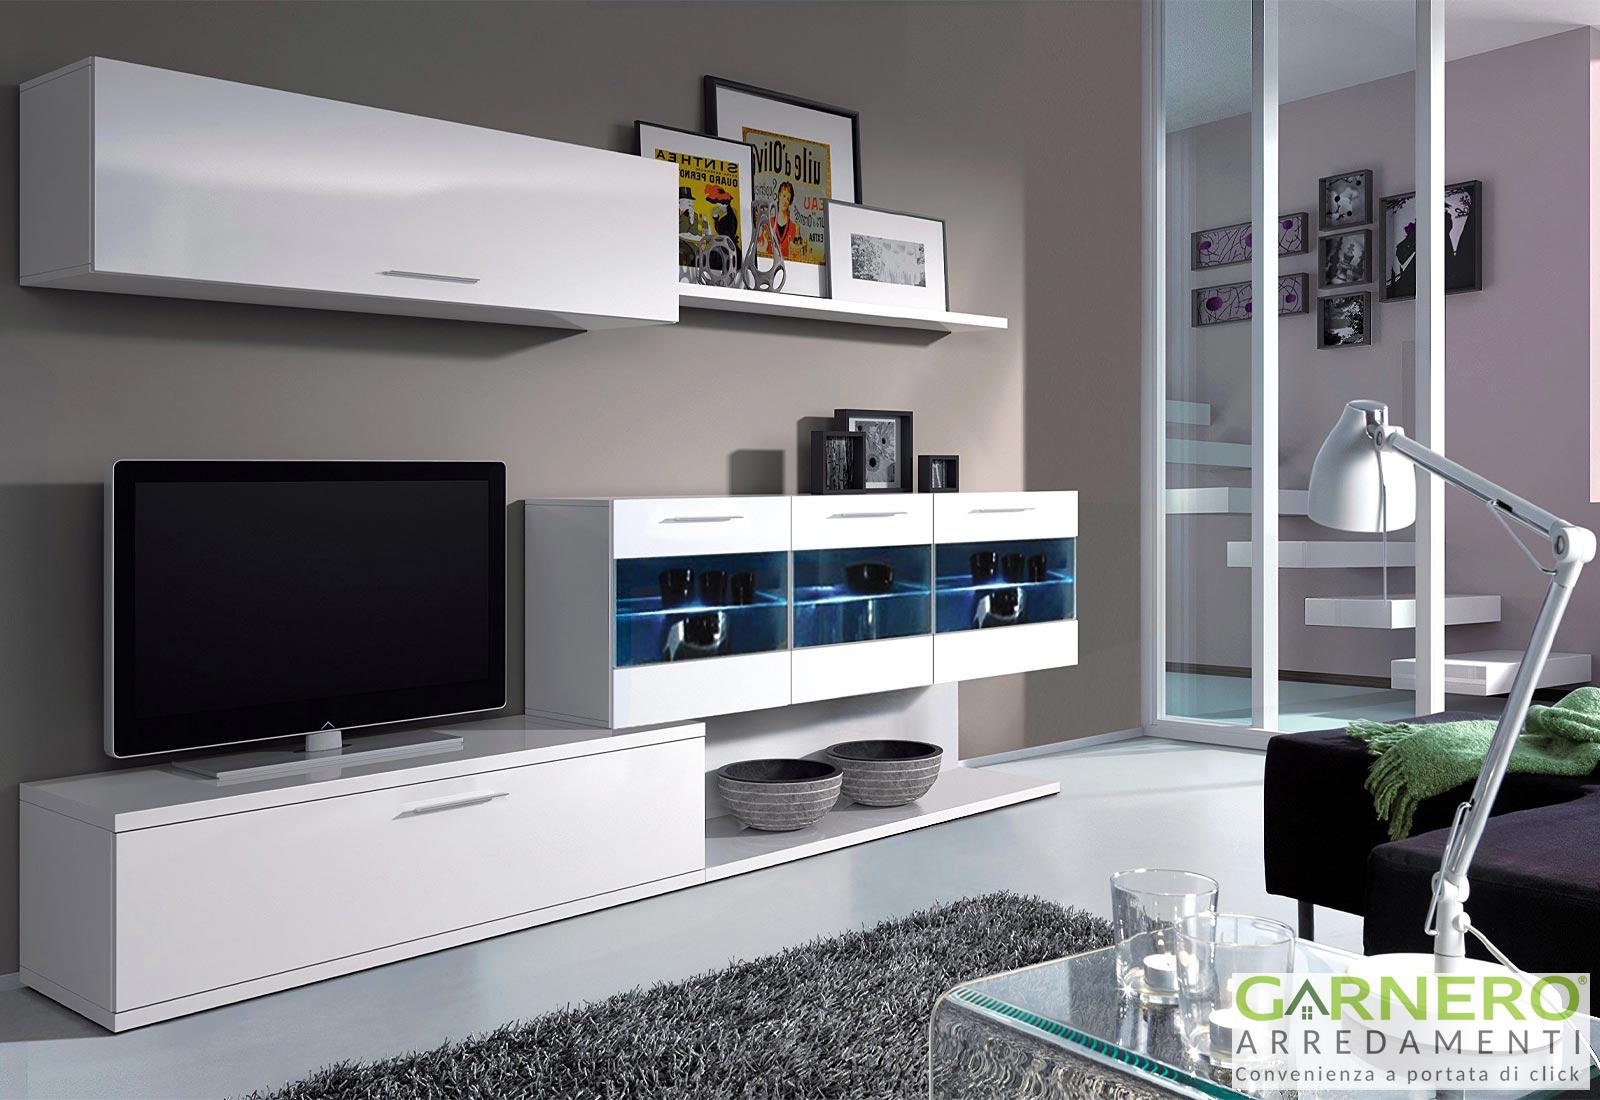 Parete Attrezzata Con Cornice dettagli su parete attrezzata holly mobile tv design bianco vetrina pensili  base soggiorno